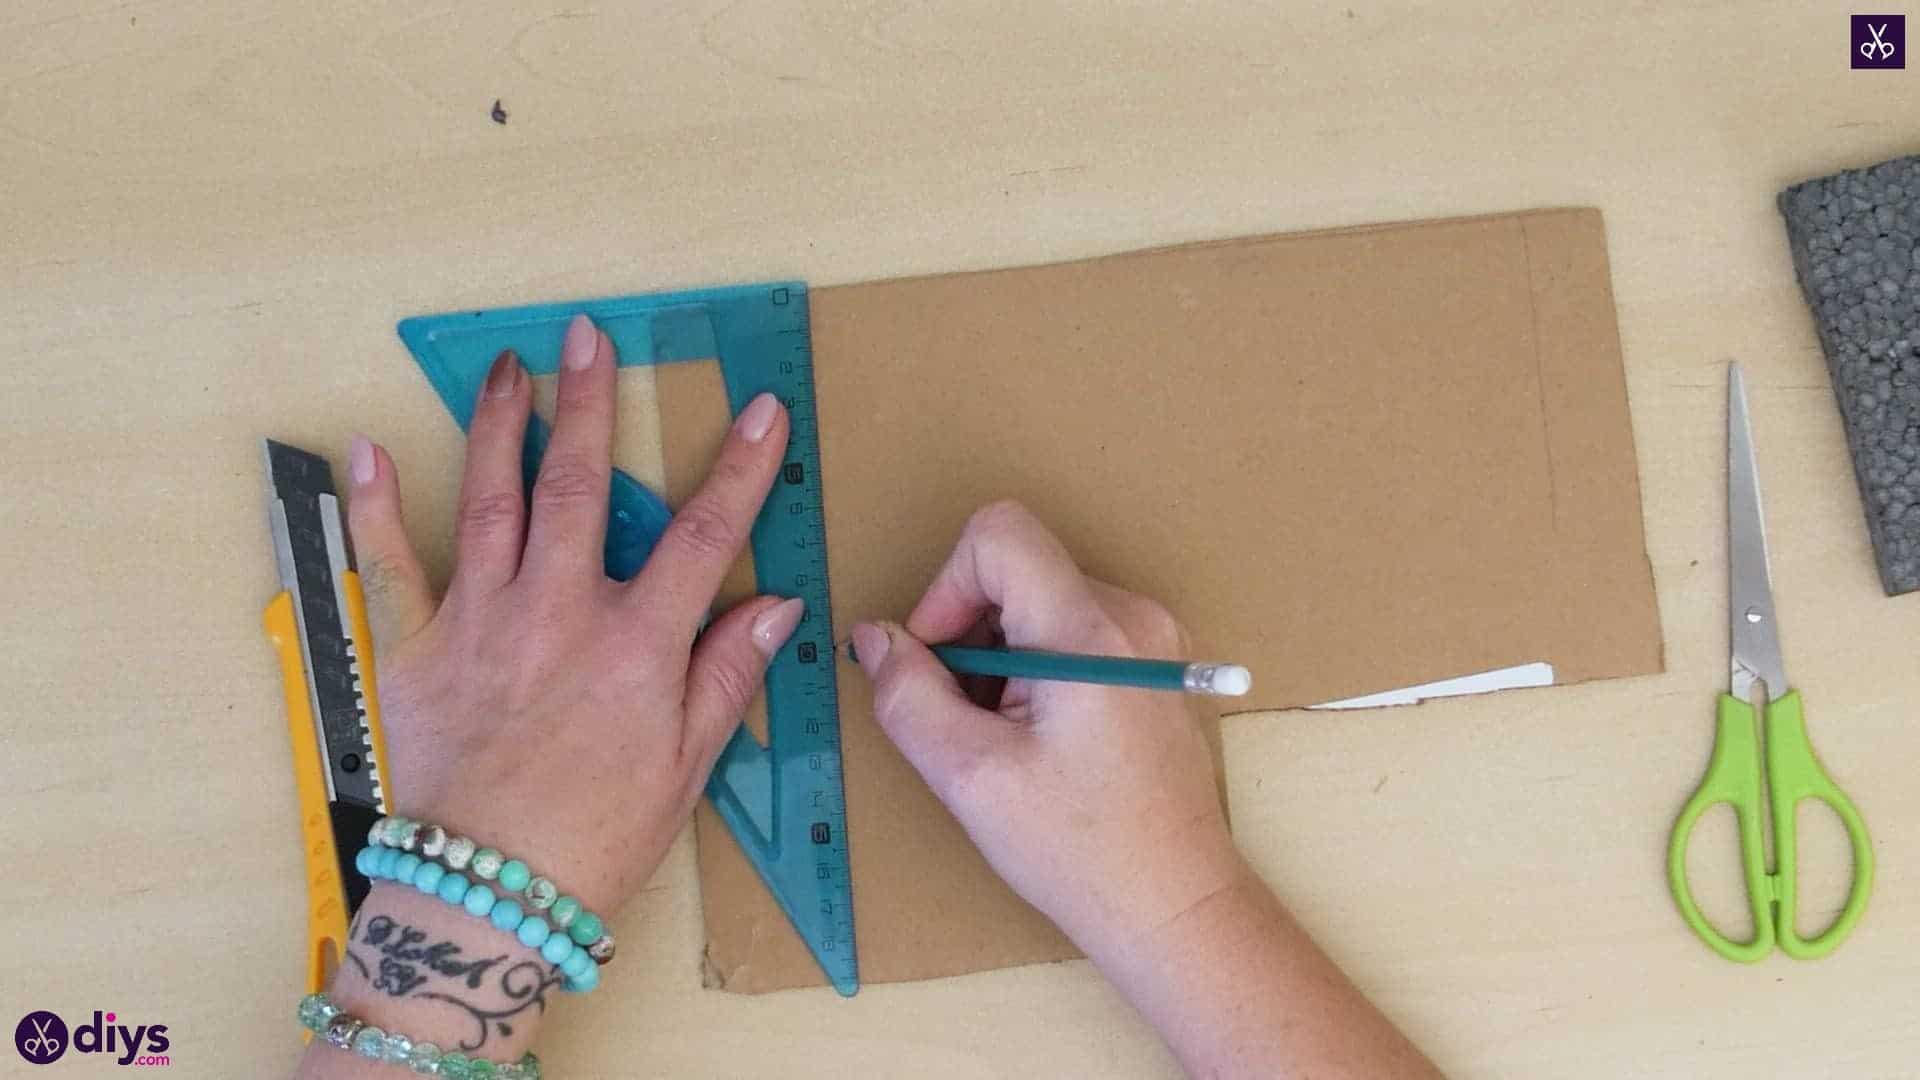 Diy miniature cage centerpiece step 5d